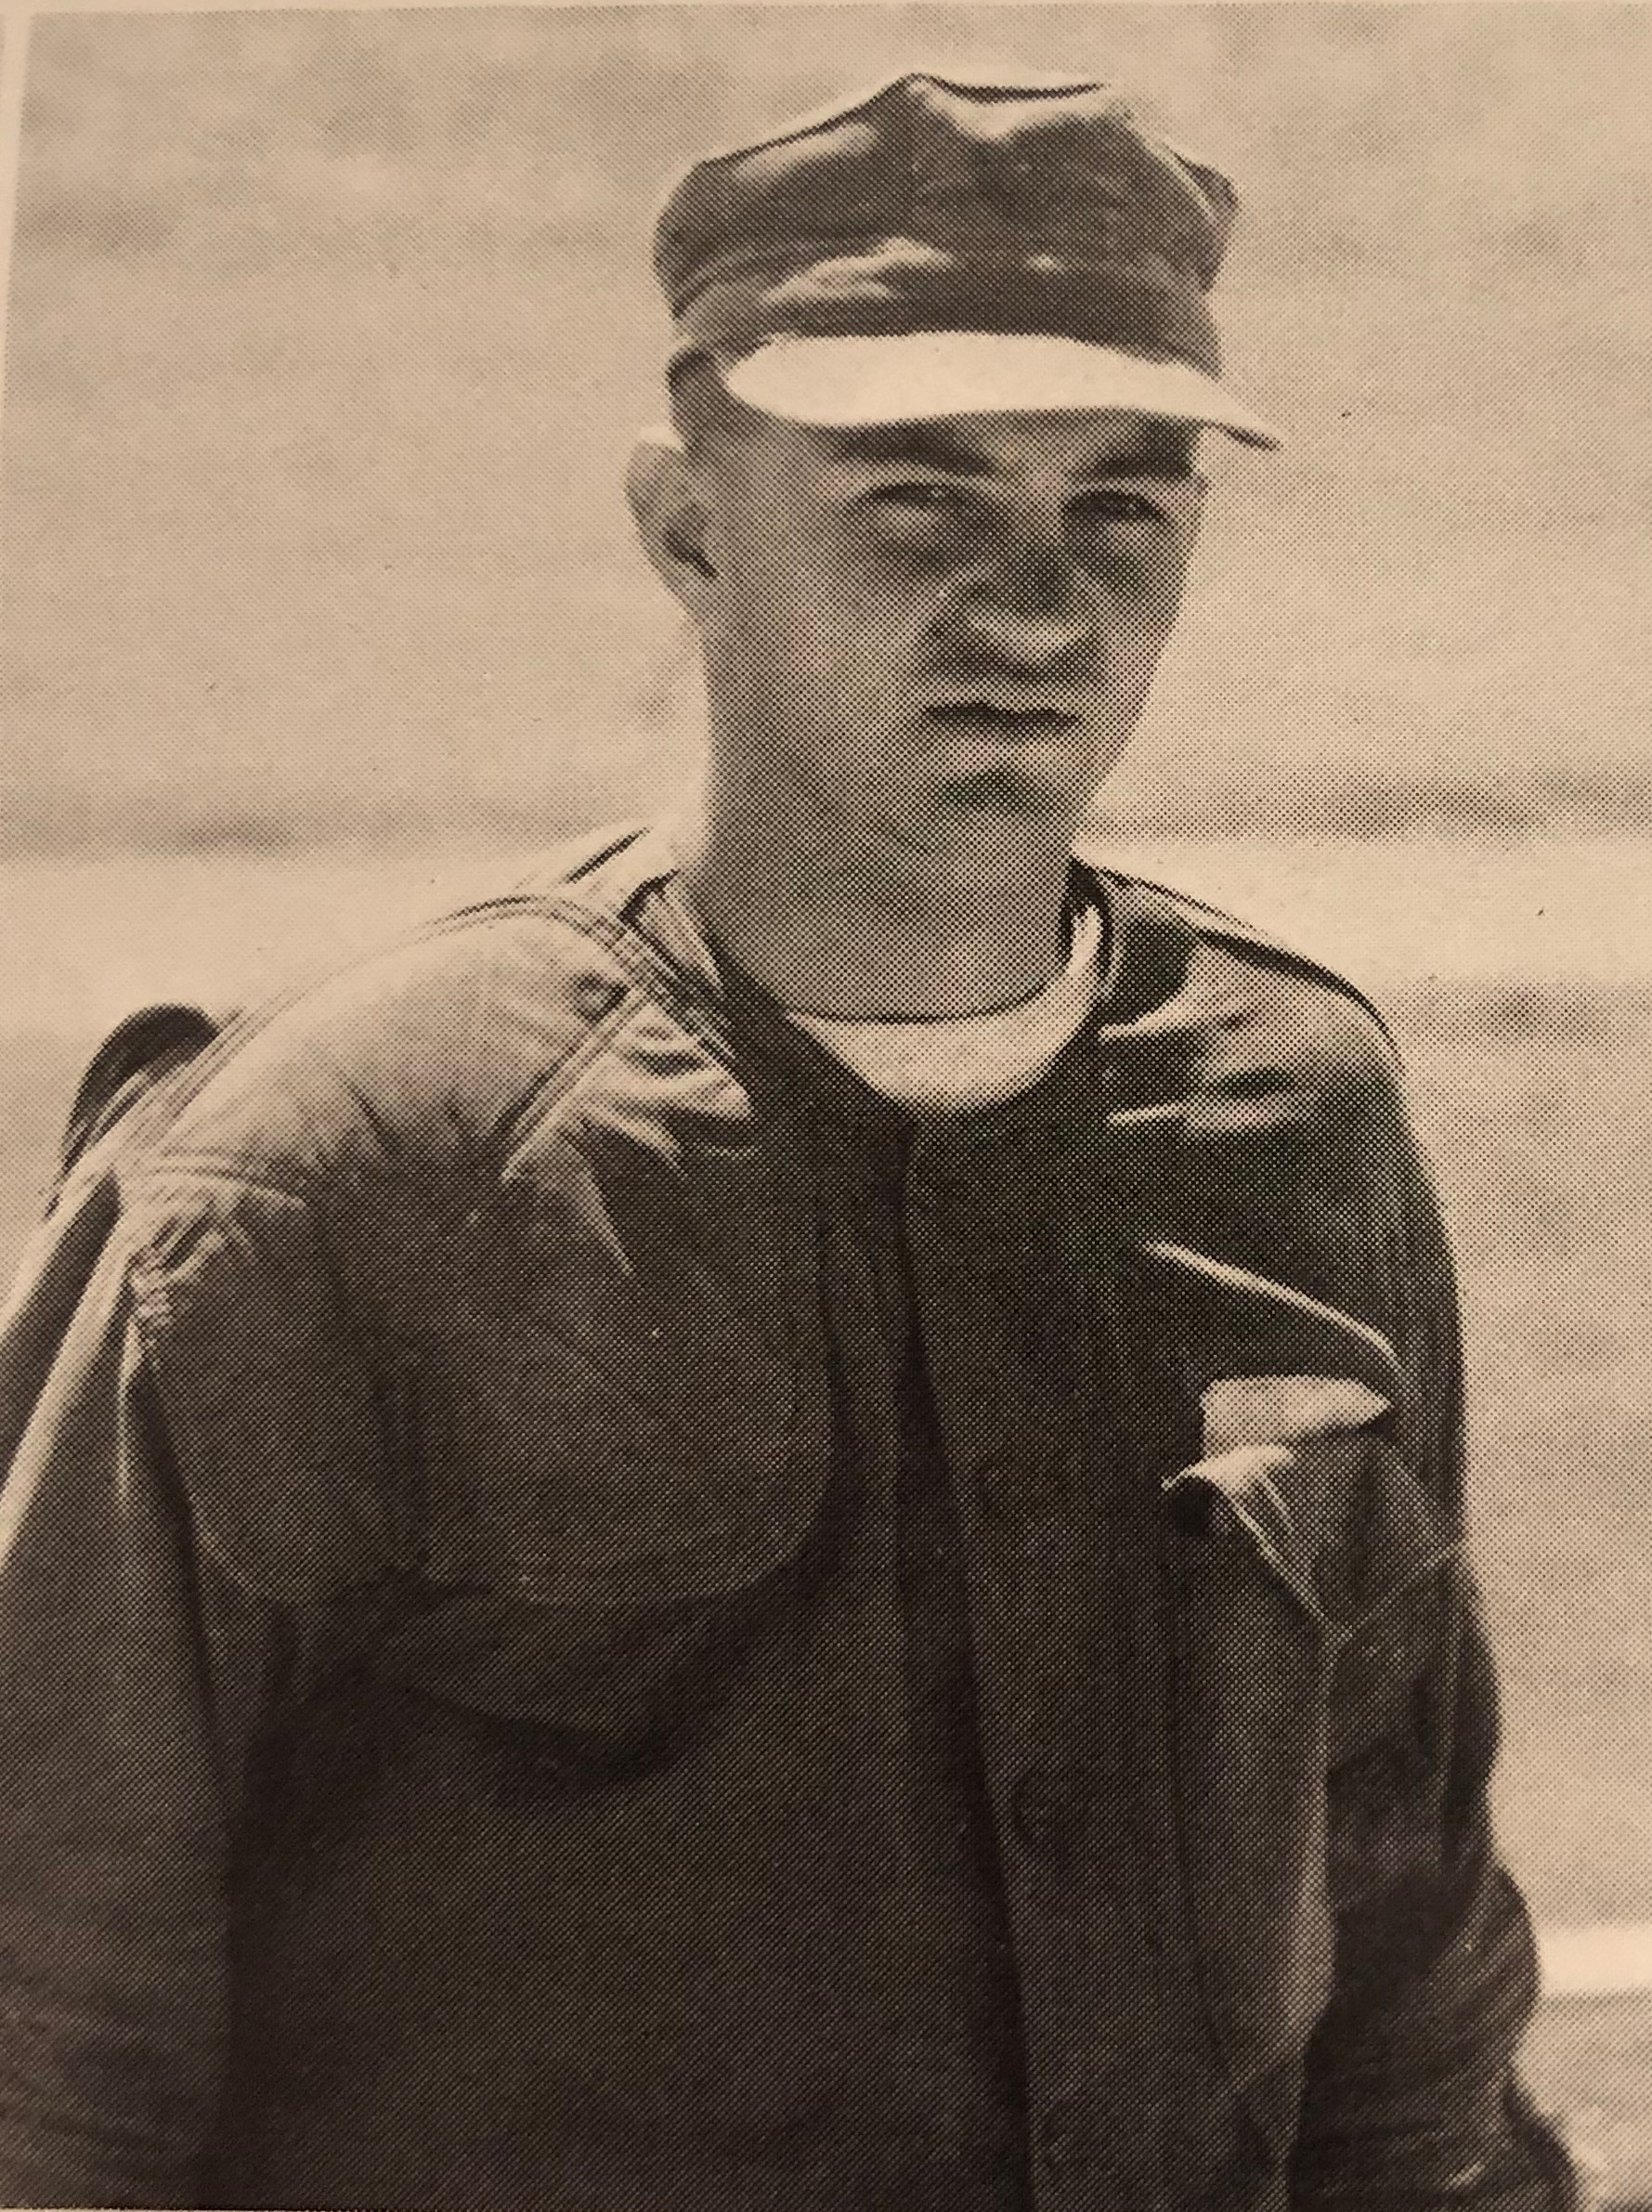 Pat Lavin in the U.S. Marines in 1969.